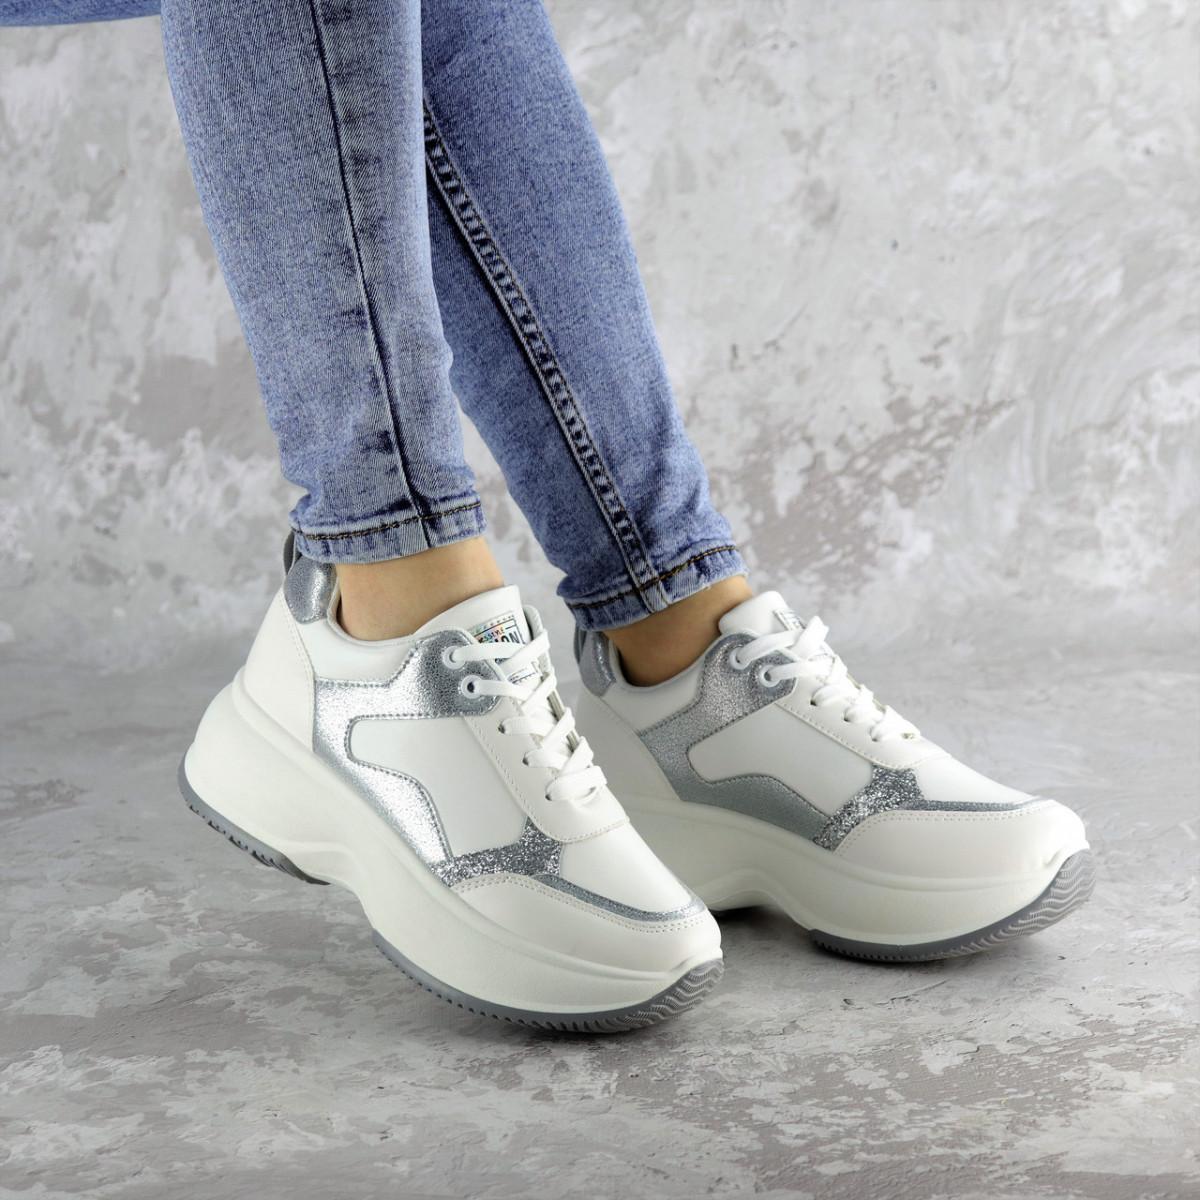 Кросівки жіночі Fashion Tab 2461 38 розмір 24 см Білий